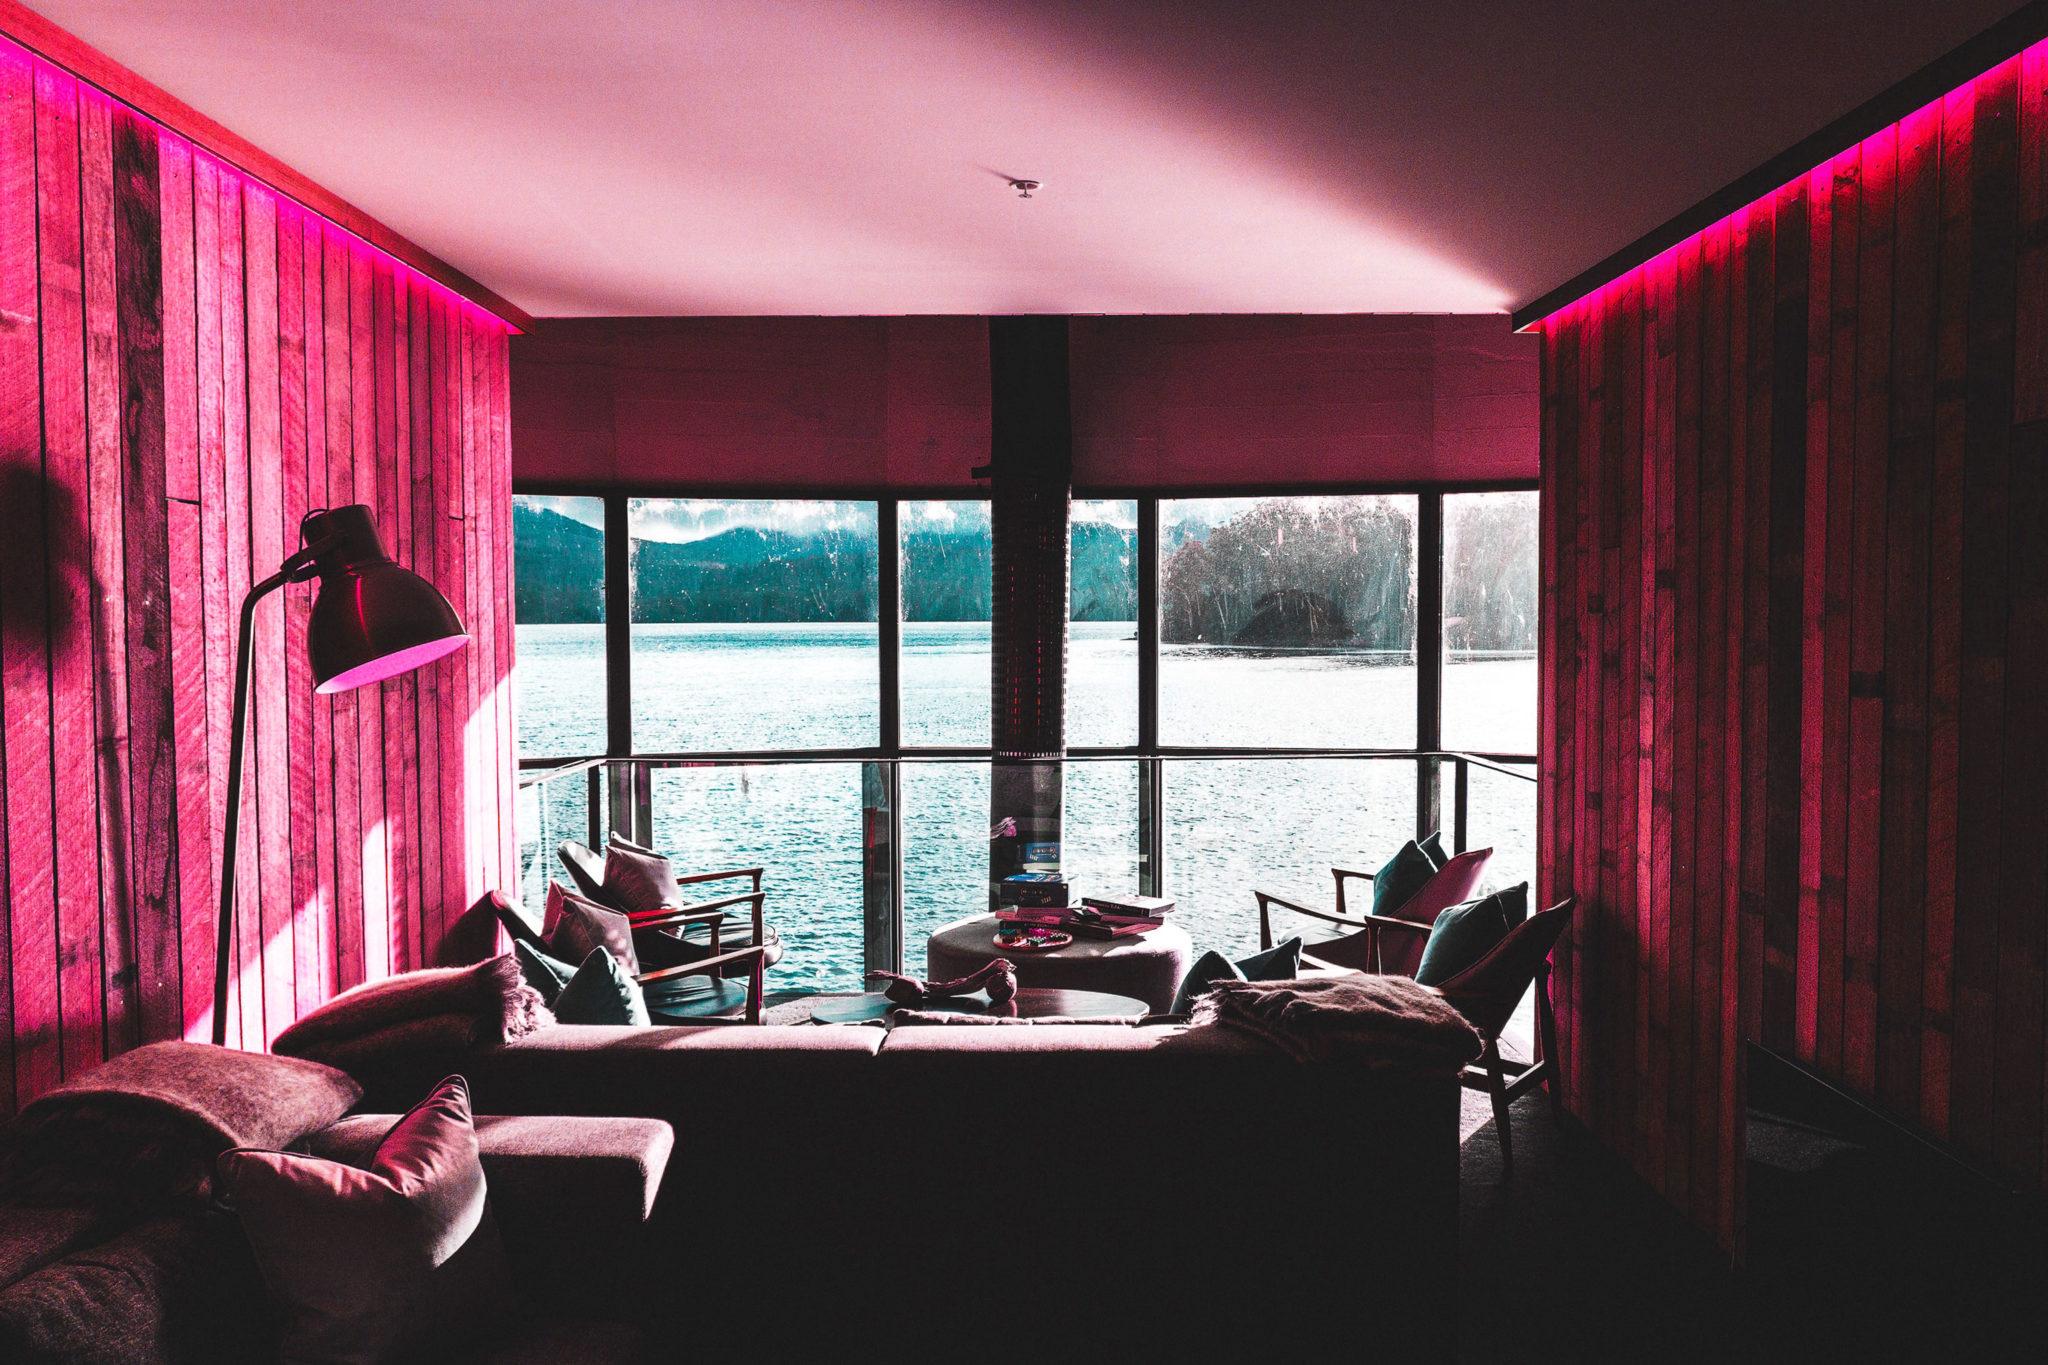 Diese Plattformen sind die besten – Der ultimative Housesitting Guide Teil 2